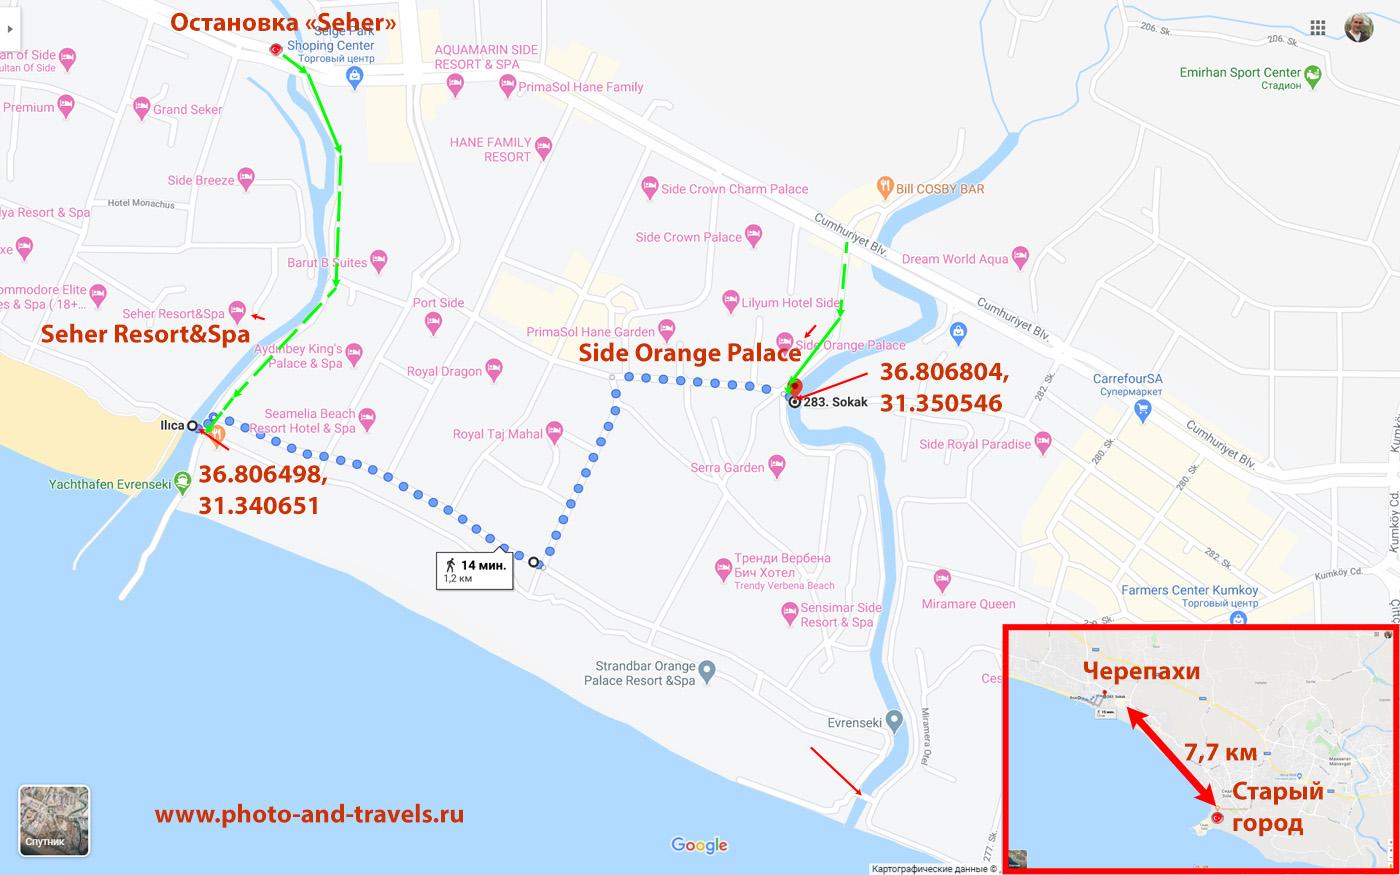 23. Карта расположения моста с водными черепахами в Сиде.